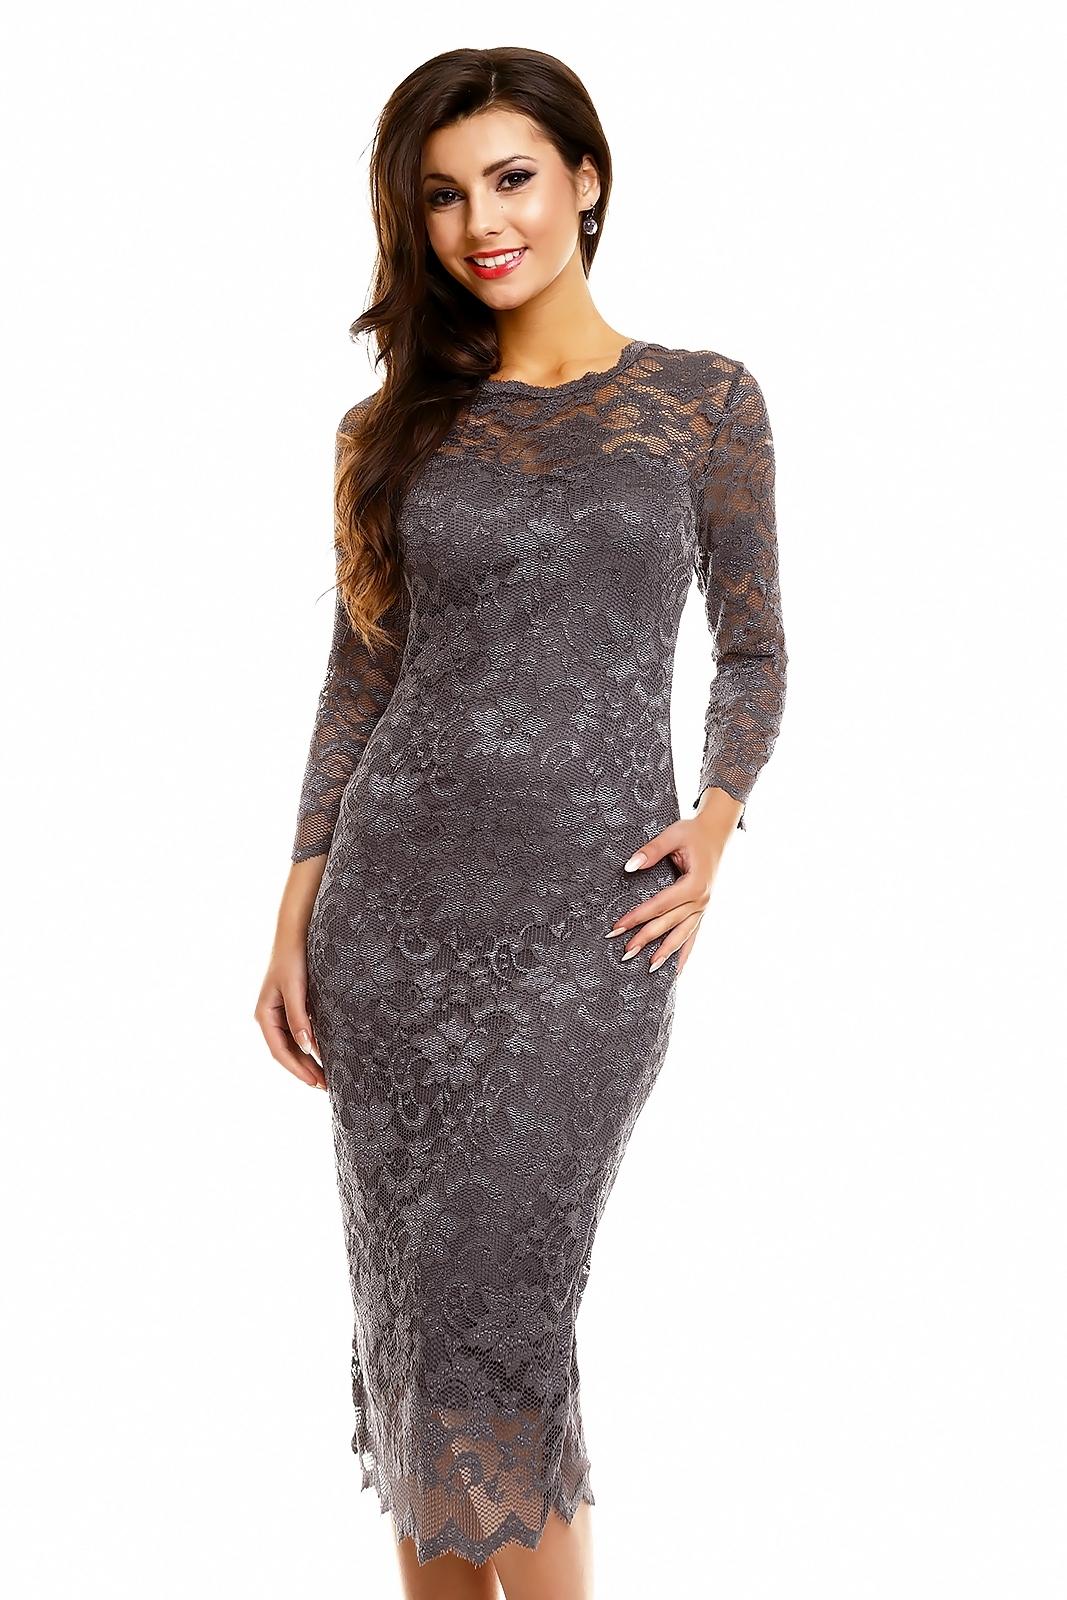 Společenské šaty MAYAADI krajkové s dlouhým rukávem středně dlouhé tmavě  šedé b18918e3e0